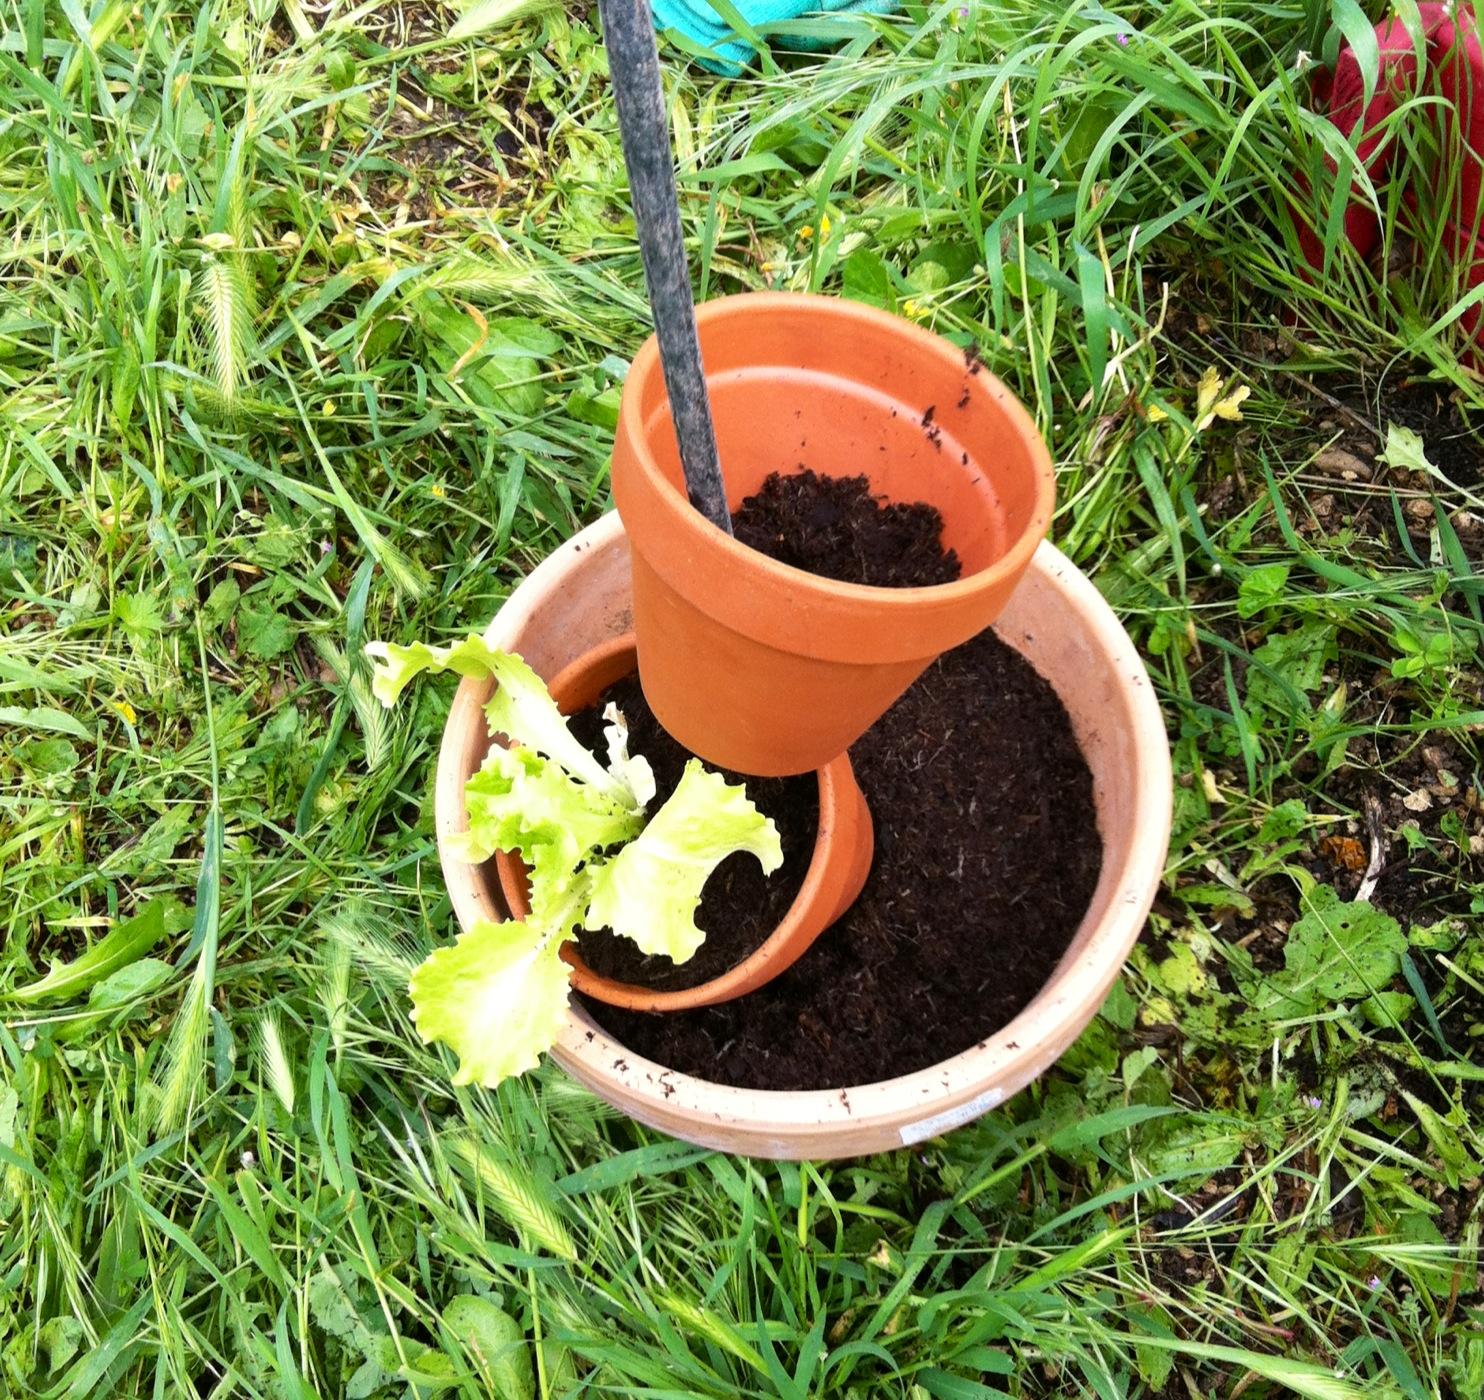 Initiales gg diy mon totem salade - Decoration avec des pots de fleurs ...